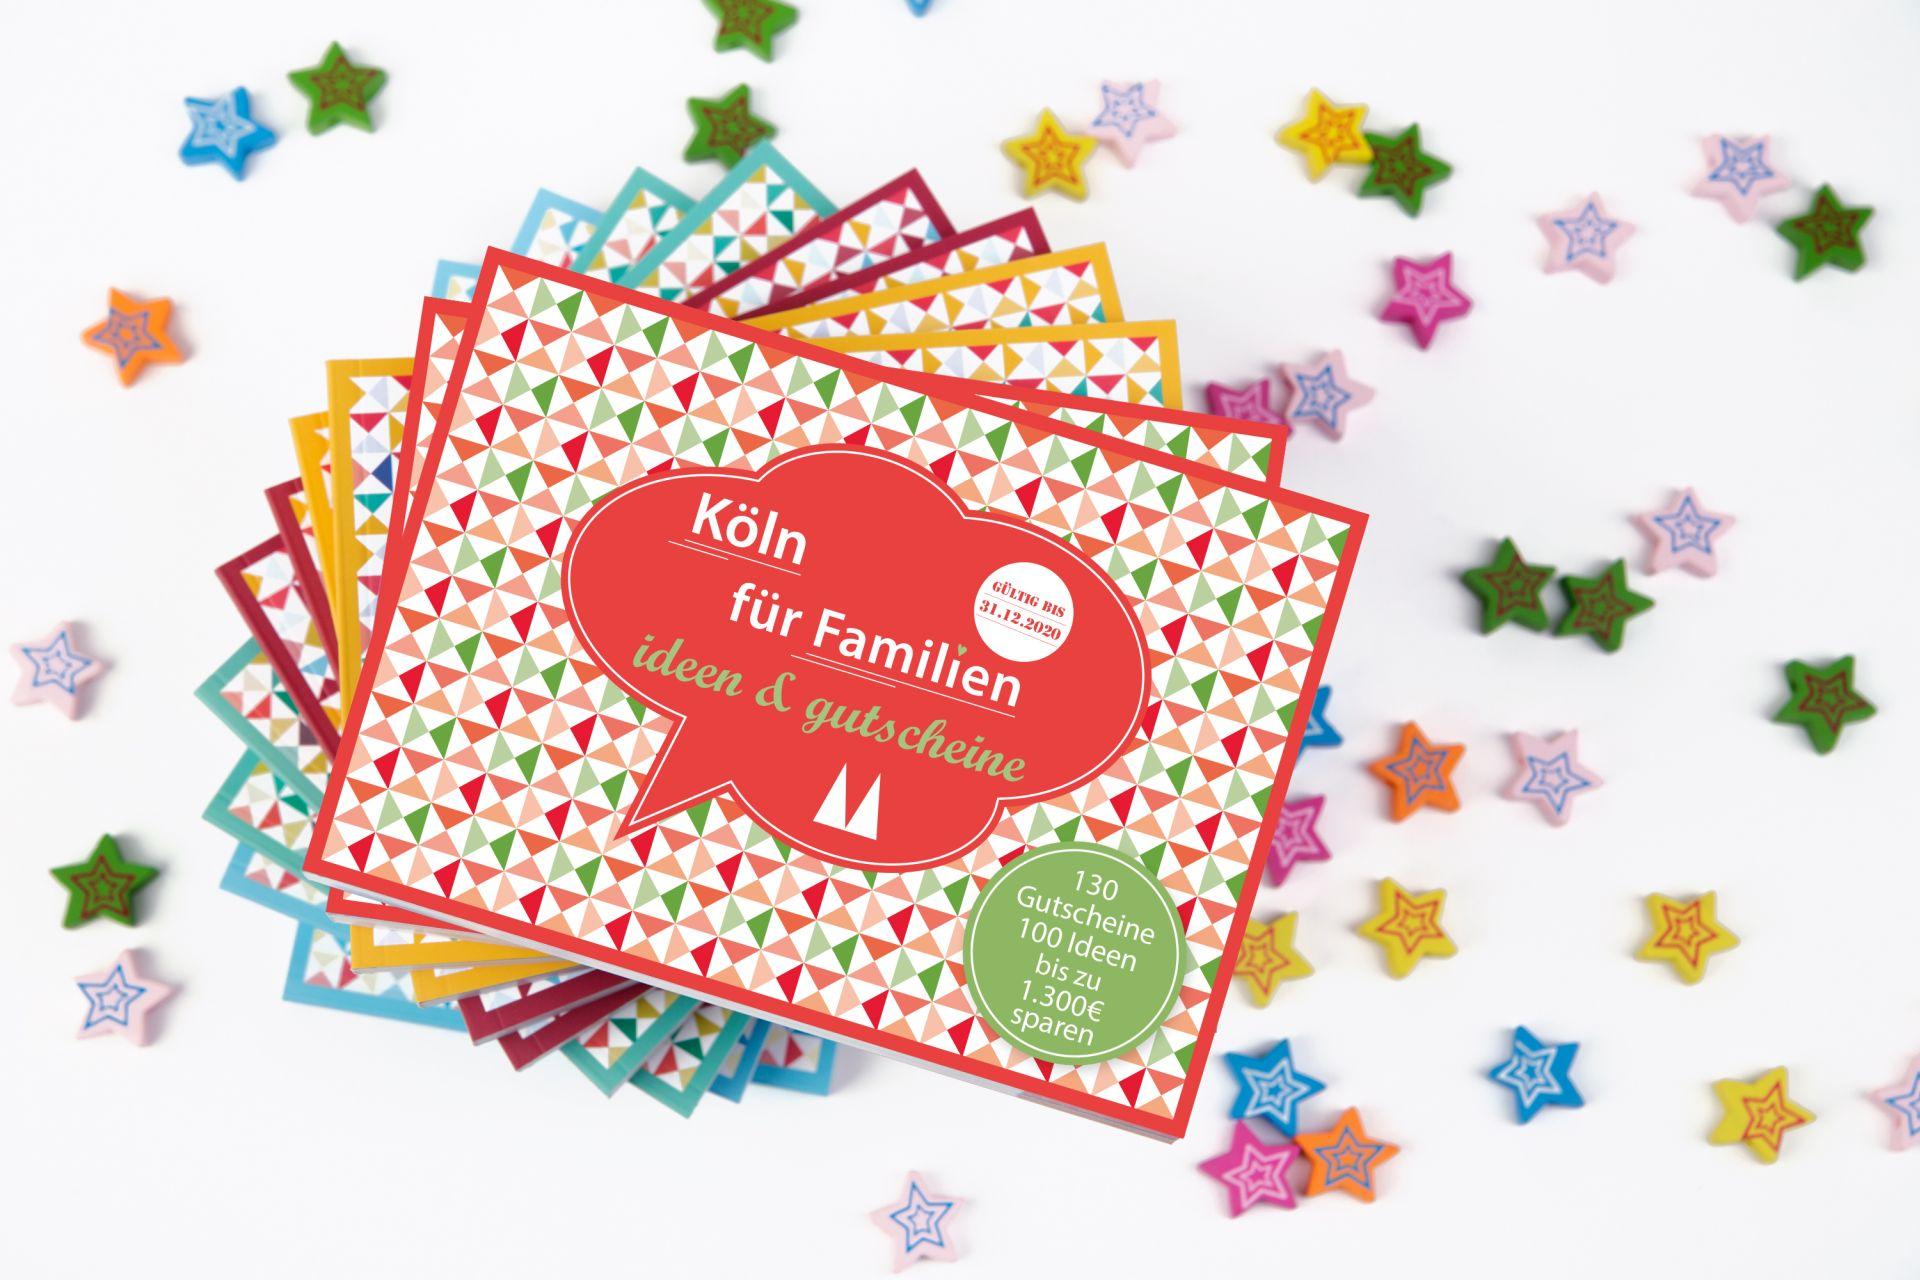 Gutscheinbuch Köln 2019 - Gutscheinbuch Köln und Umgebung 2019/2020